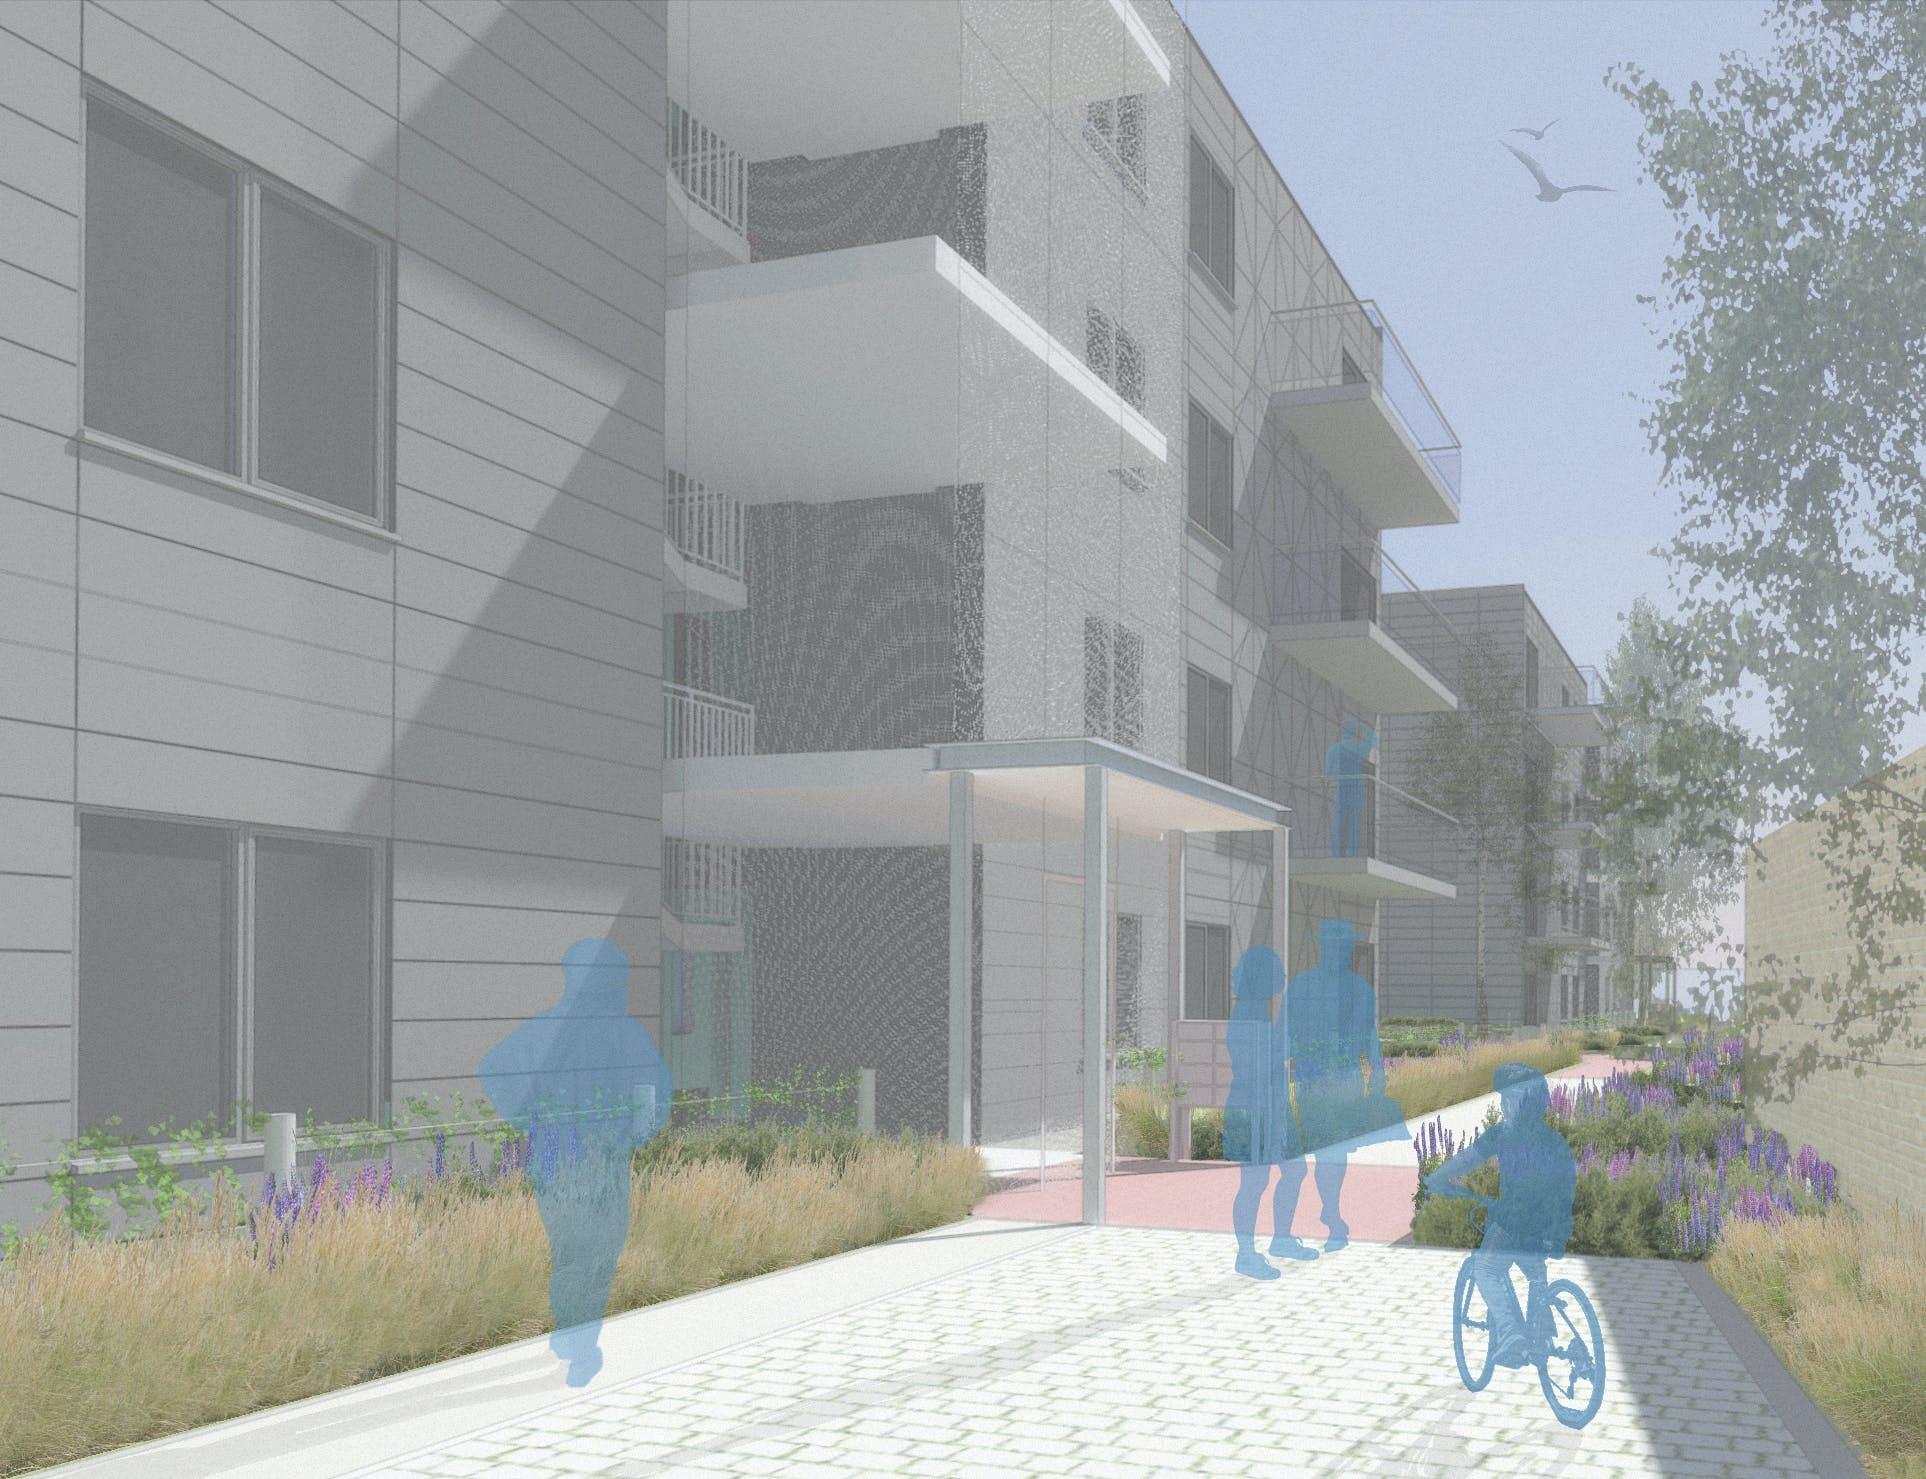 Architect image one